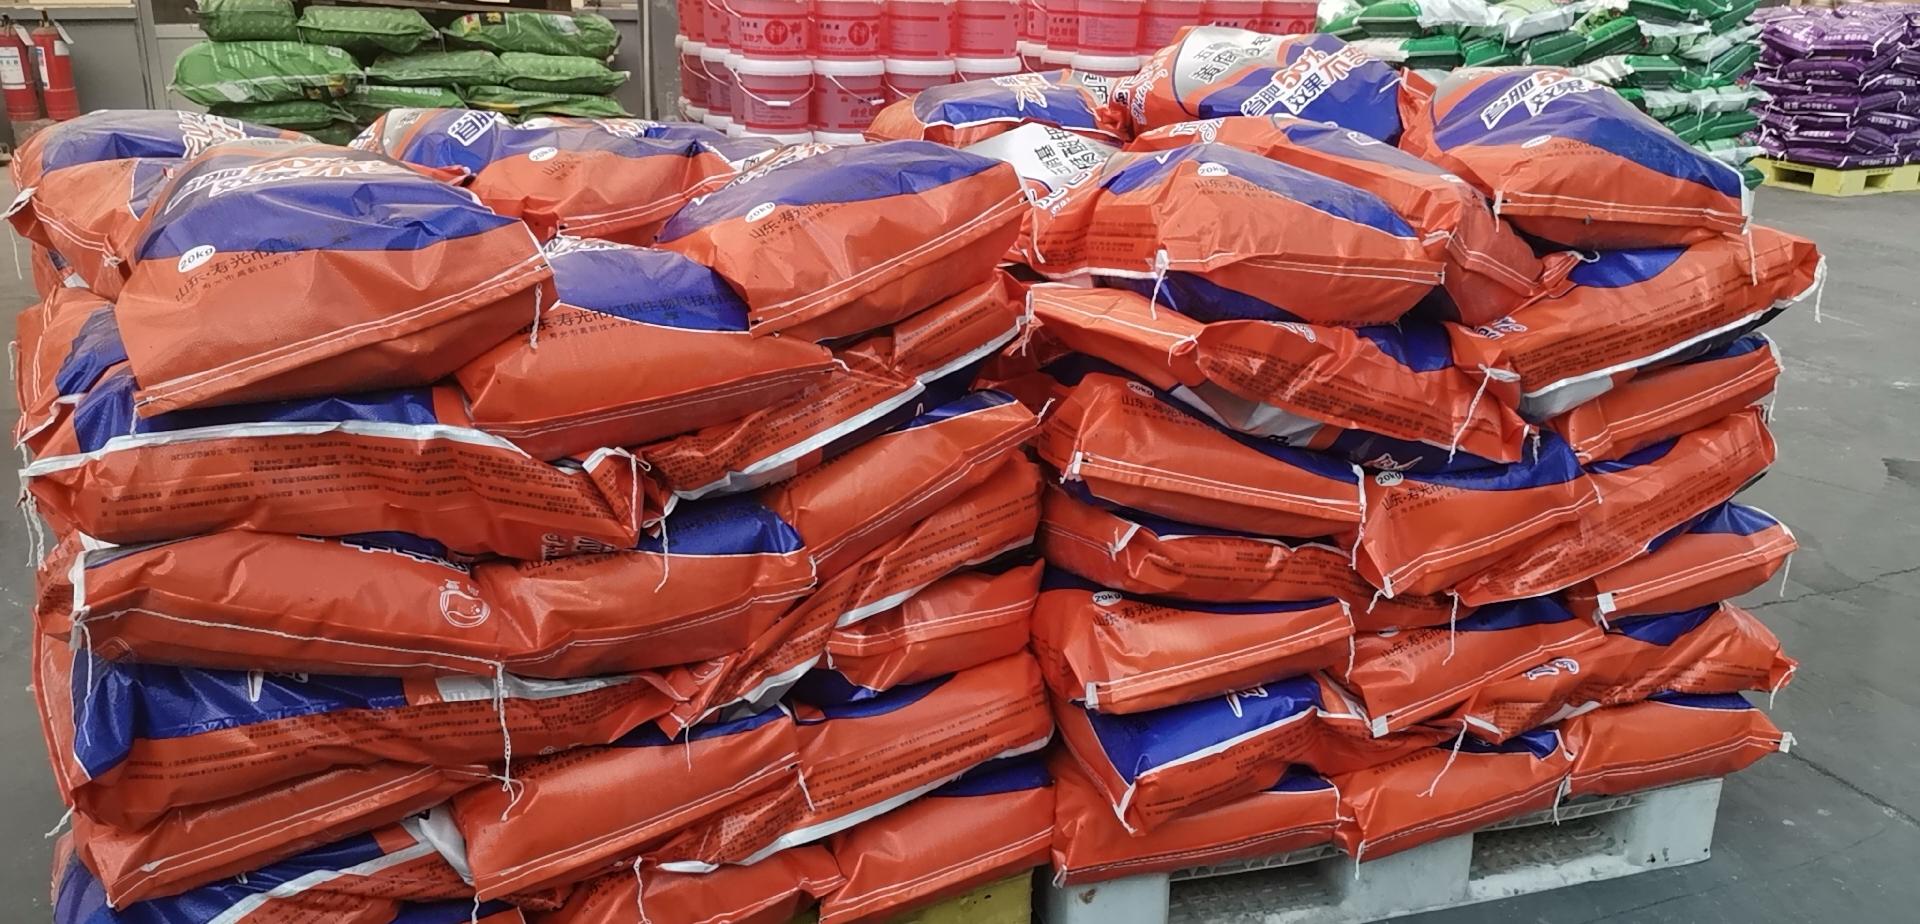 果蔬使用什么水溶肥比较好?果蔬水溶肥生产厂家!-寿光红旗科技有限公司